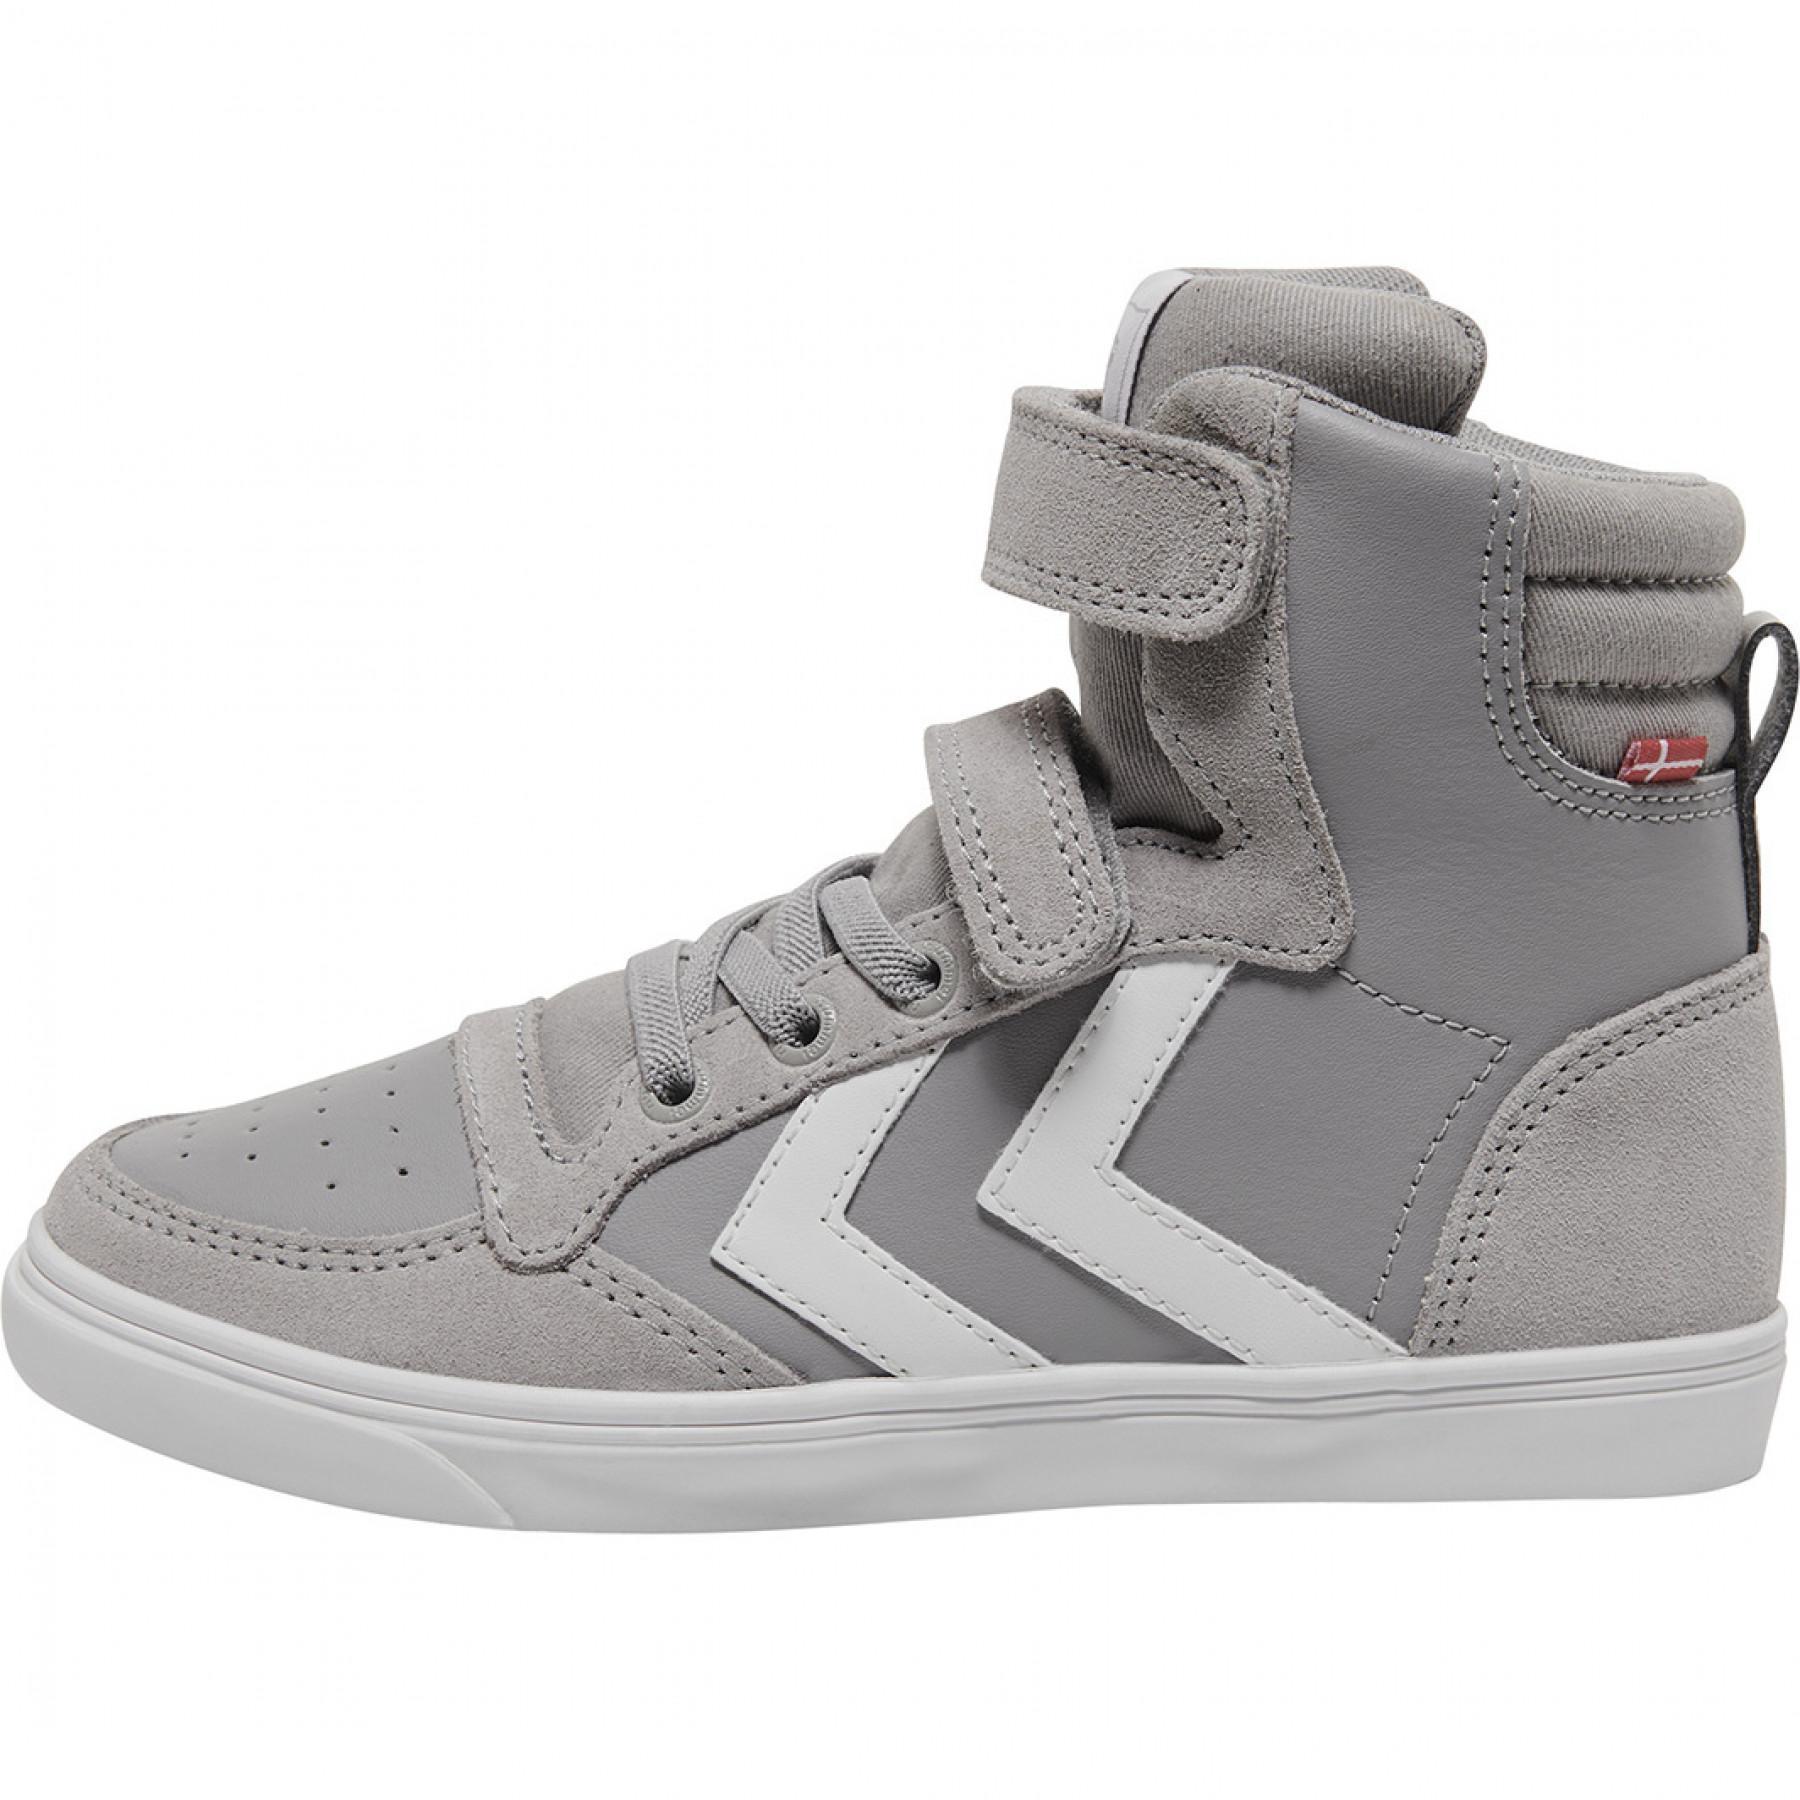 Junior Shoes Hummel slimmer stadil leather high